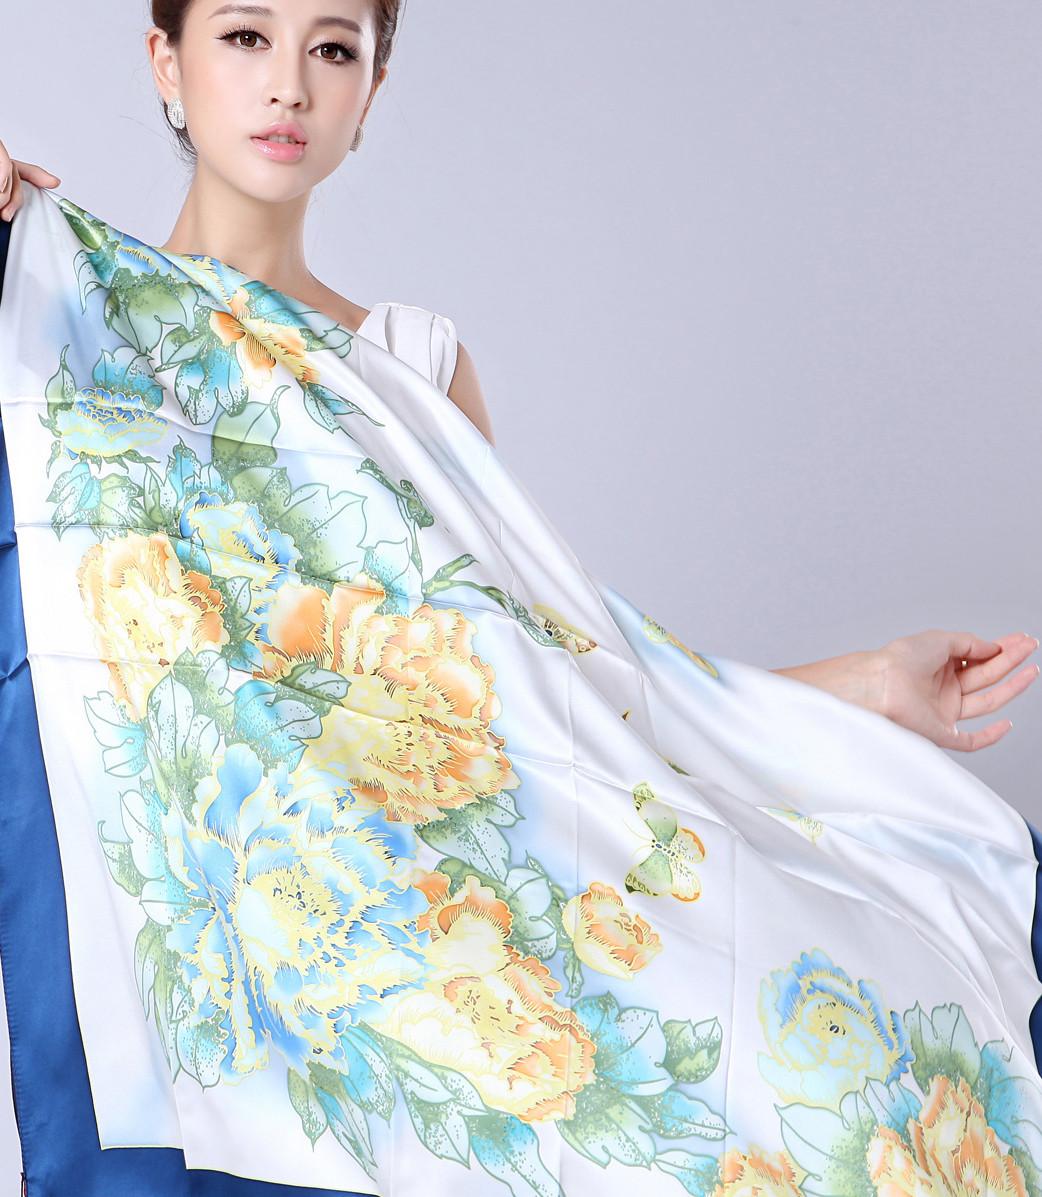 中国印象冬系羊毛丝巾批发